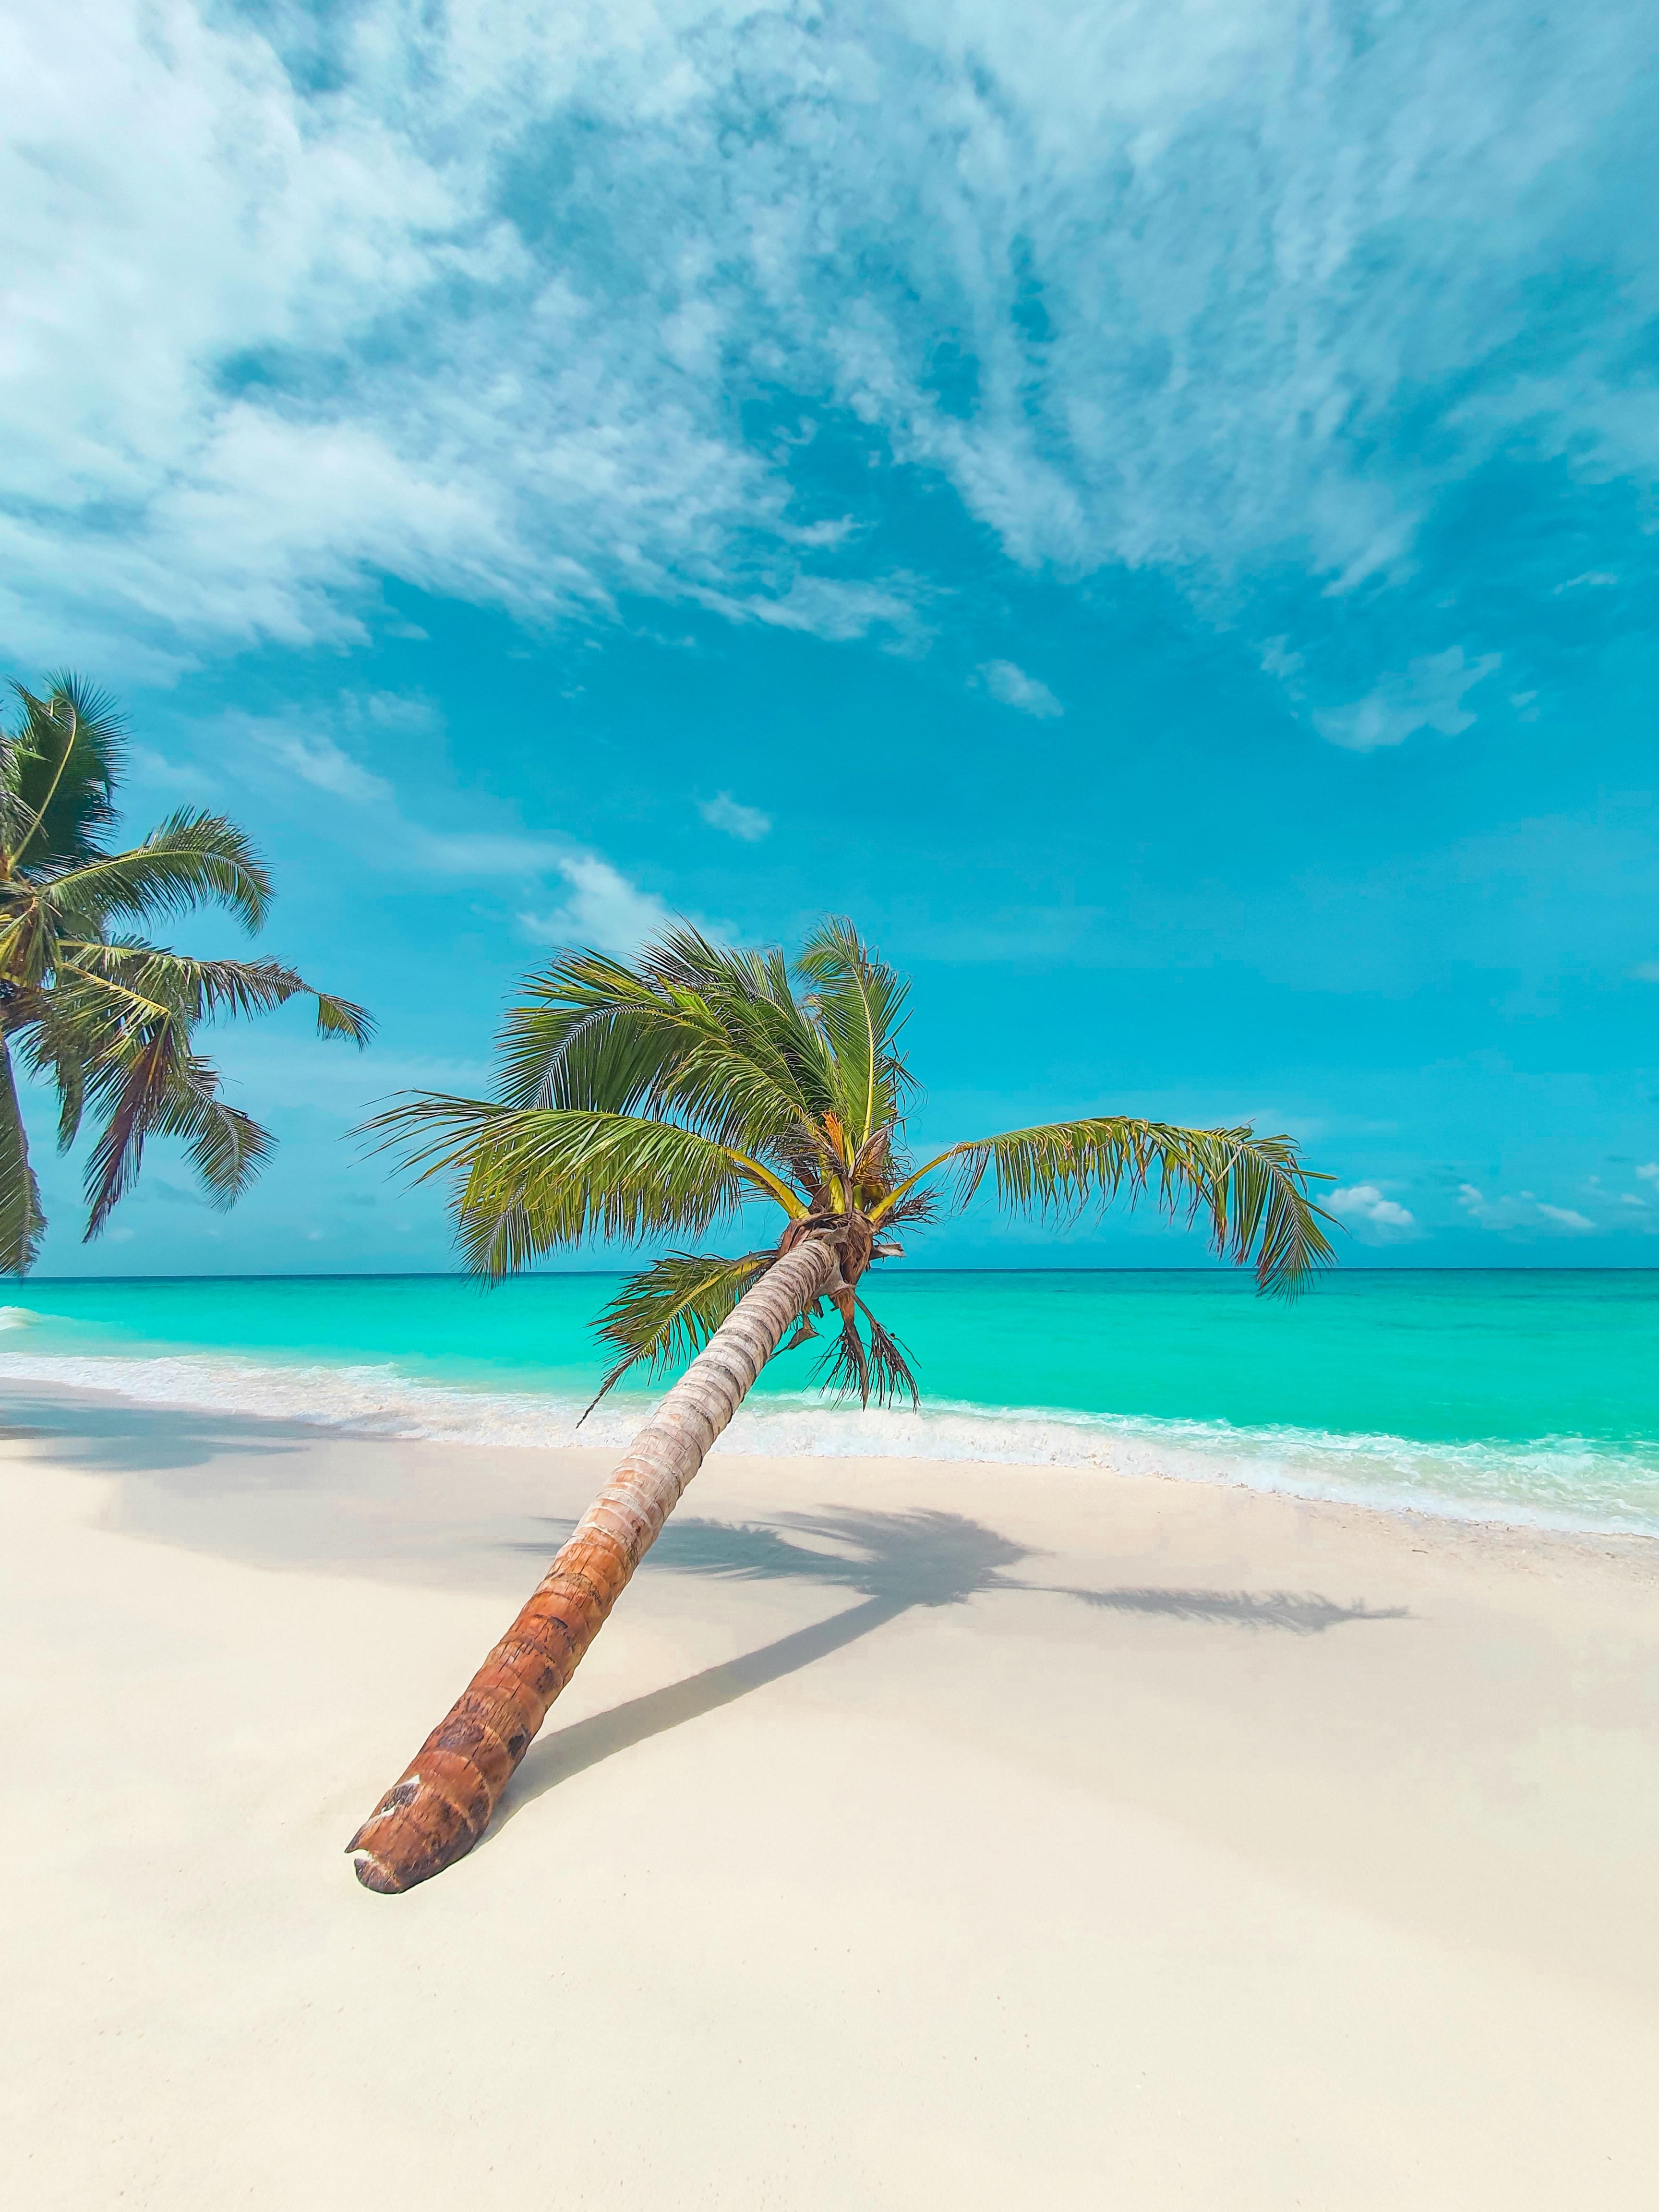 88472 Hintergrundbild herunterladen Strand, Natur, Blätter, Küste, Palme, Palm, Tropisch, Tropischen - Bildschirmschoner und Bilder kostenlos